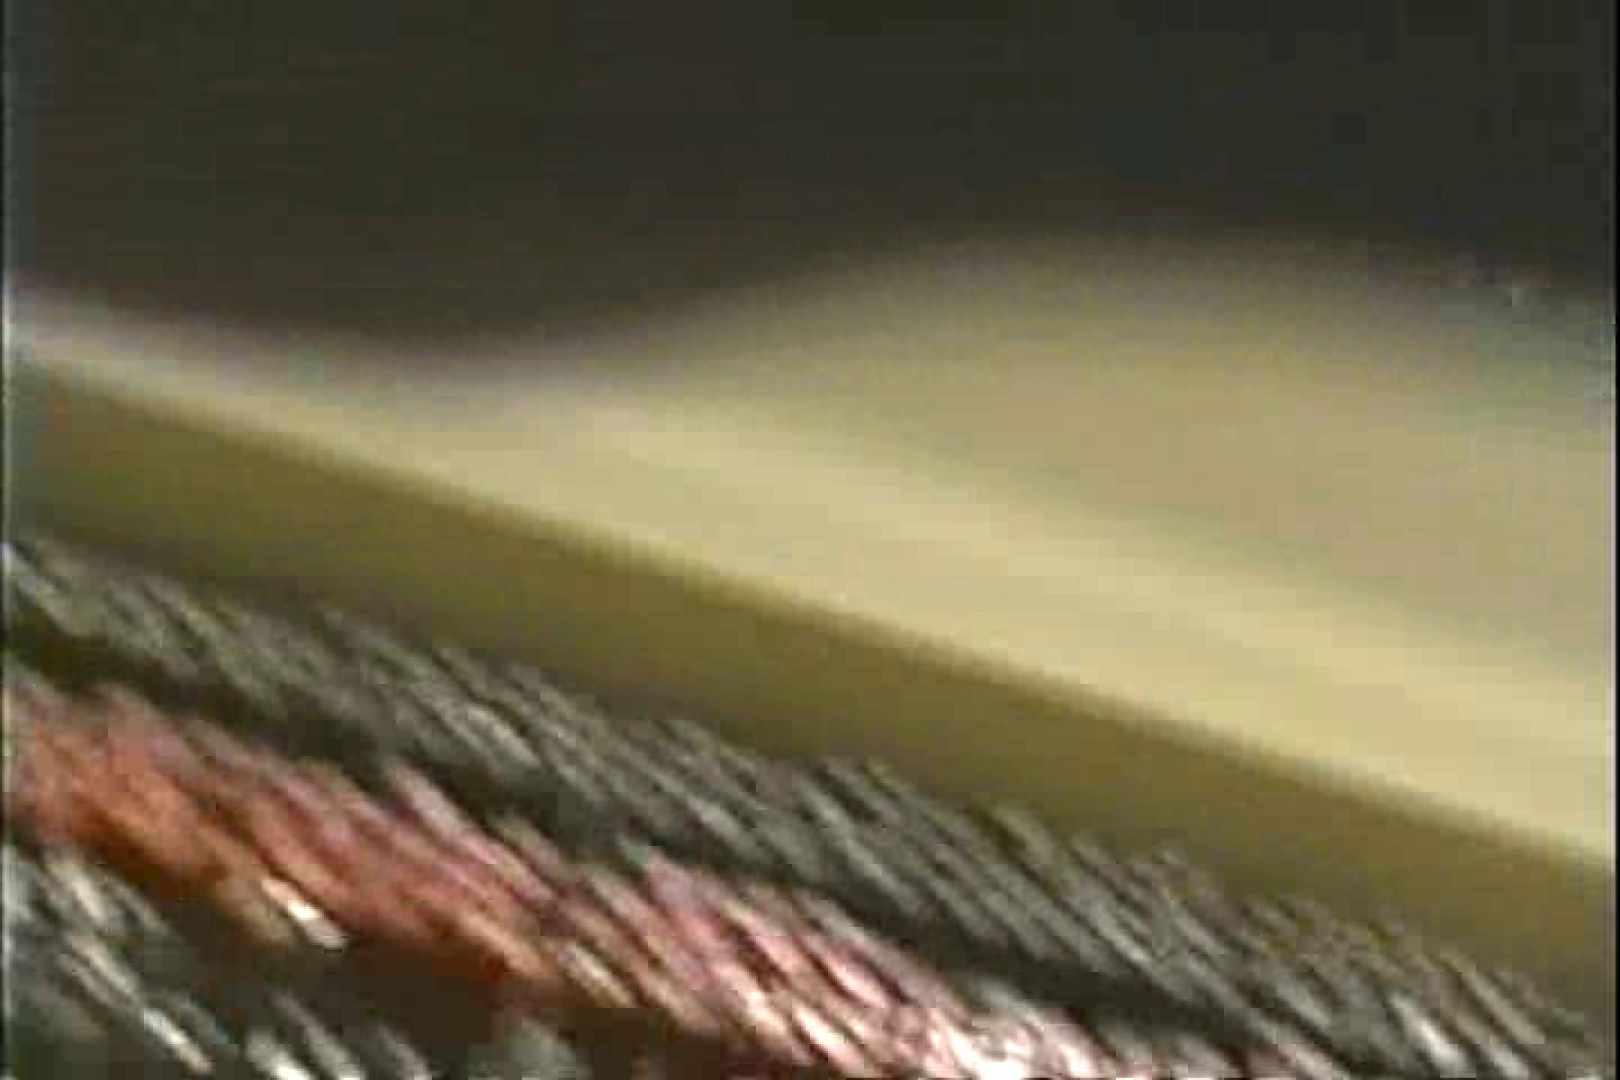 「ちくりん」さんのオリジナル未編集パンチラVol.3_01 レースクイーン  62枚 52